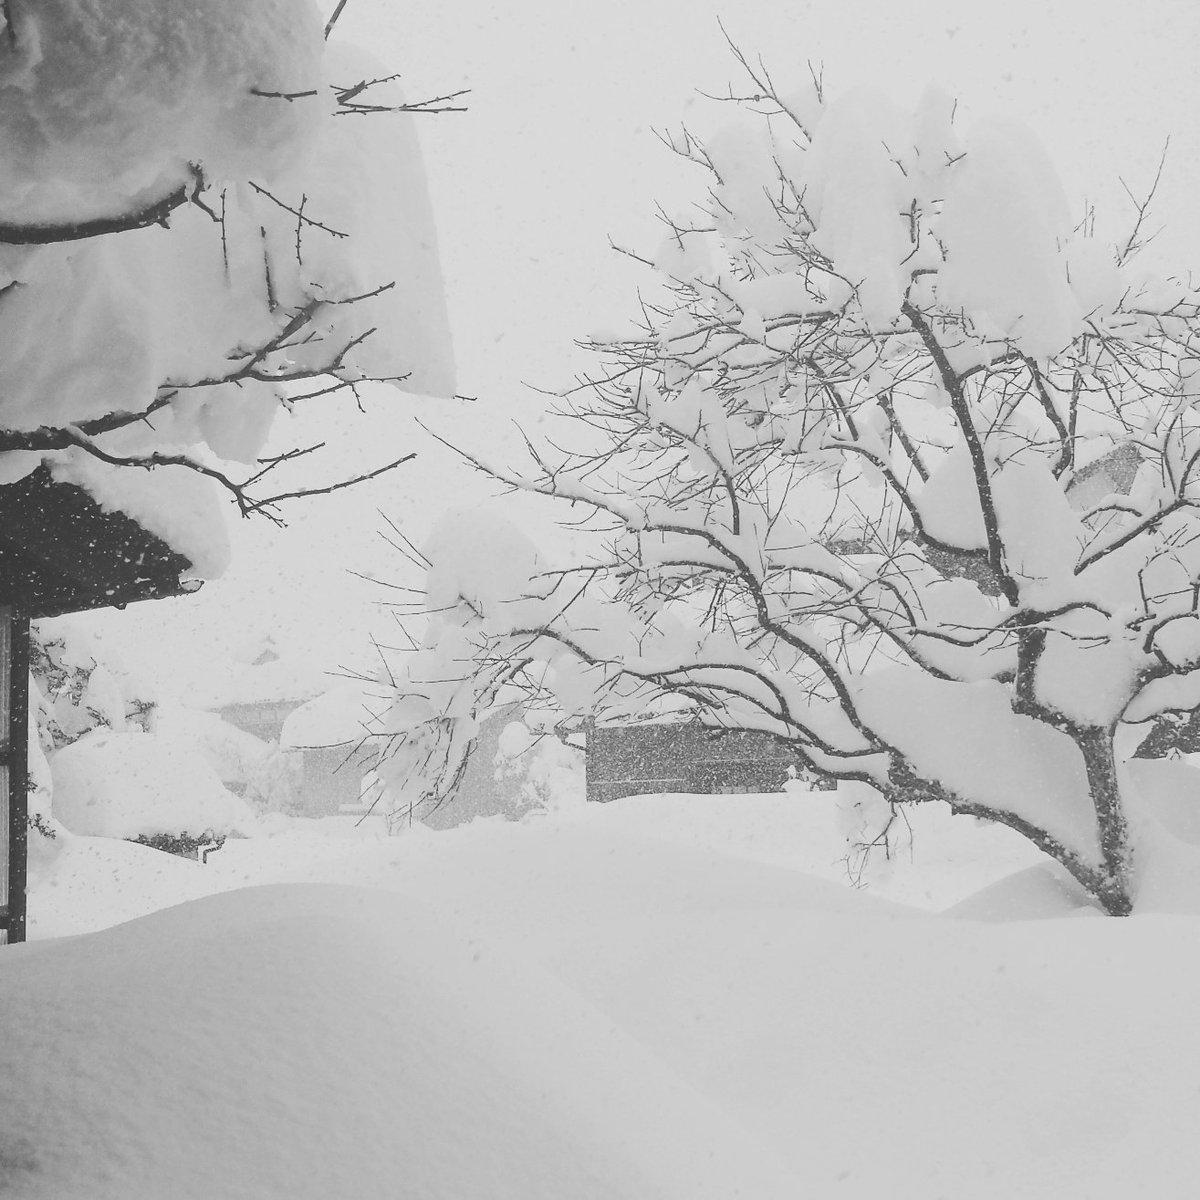 「公共の交通機関すべて運休、高速道路閉鎖。一般道以外、福井県に入る手段はありません。」ってサラッというお天気お姉さん。あゝ陸の孤島福井。ほんと氷河期だわ…